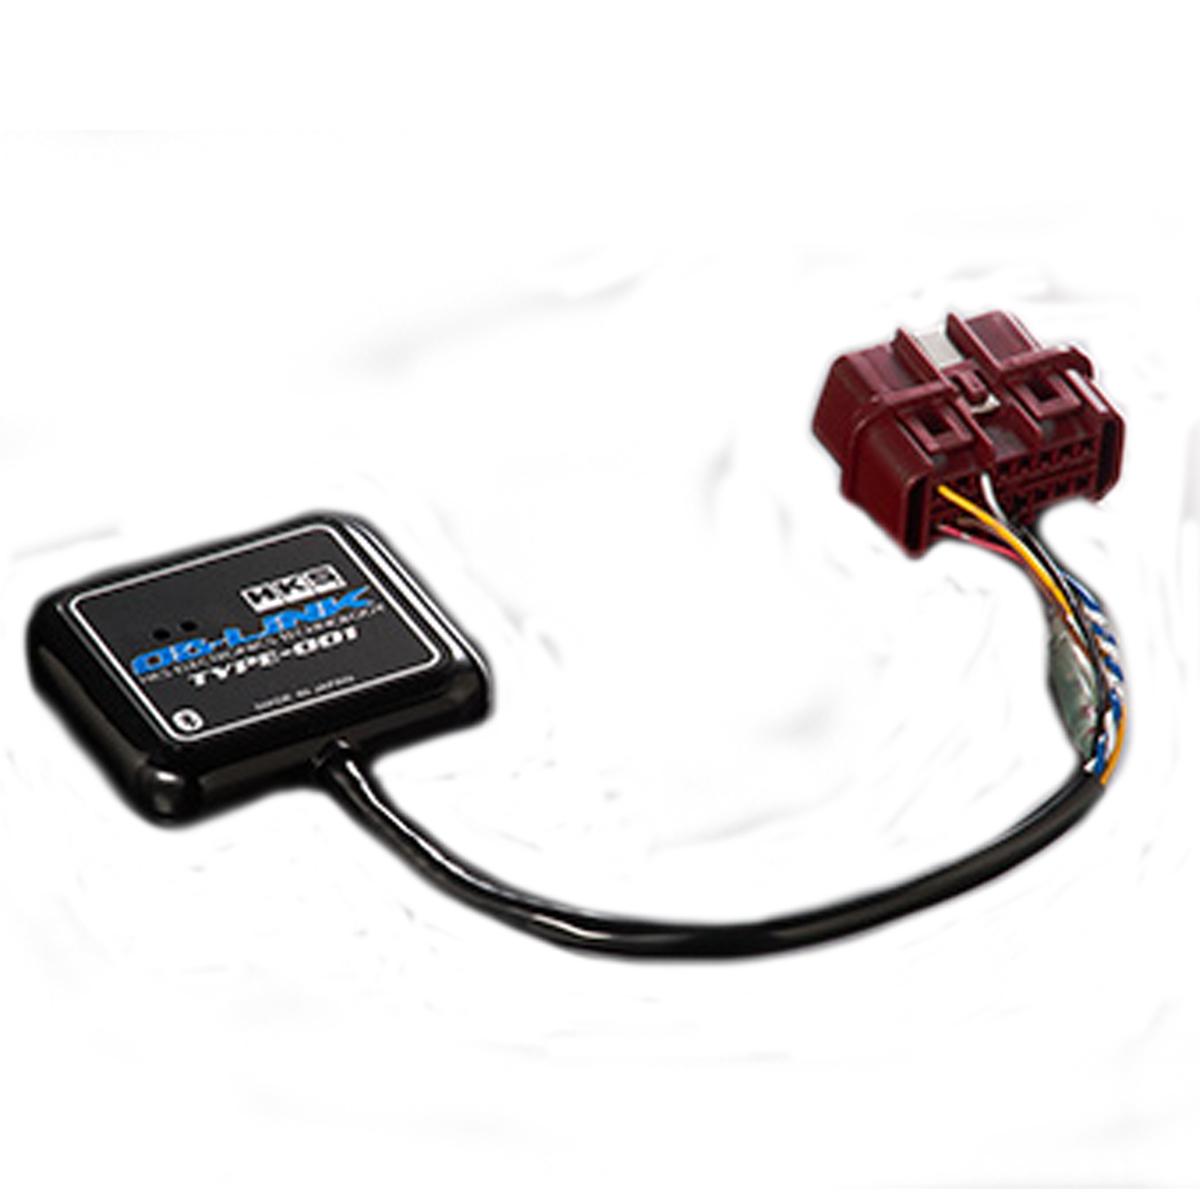 マーチ モニター OBリンク タイプ 001 AK12 HKS 44009-AK002 エレクトリニクス 個人宅発送追金有